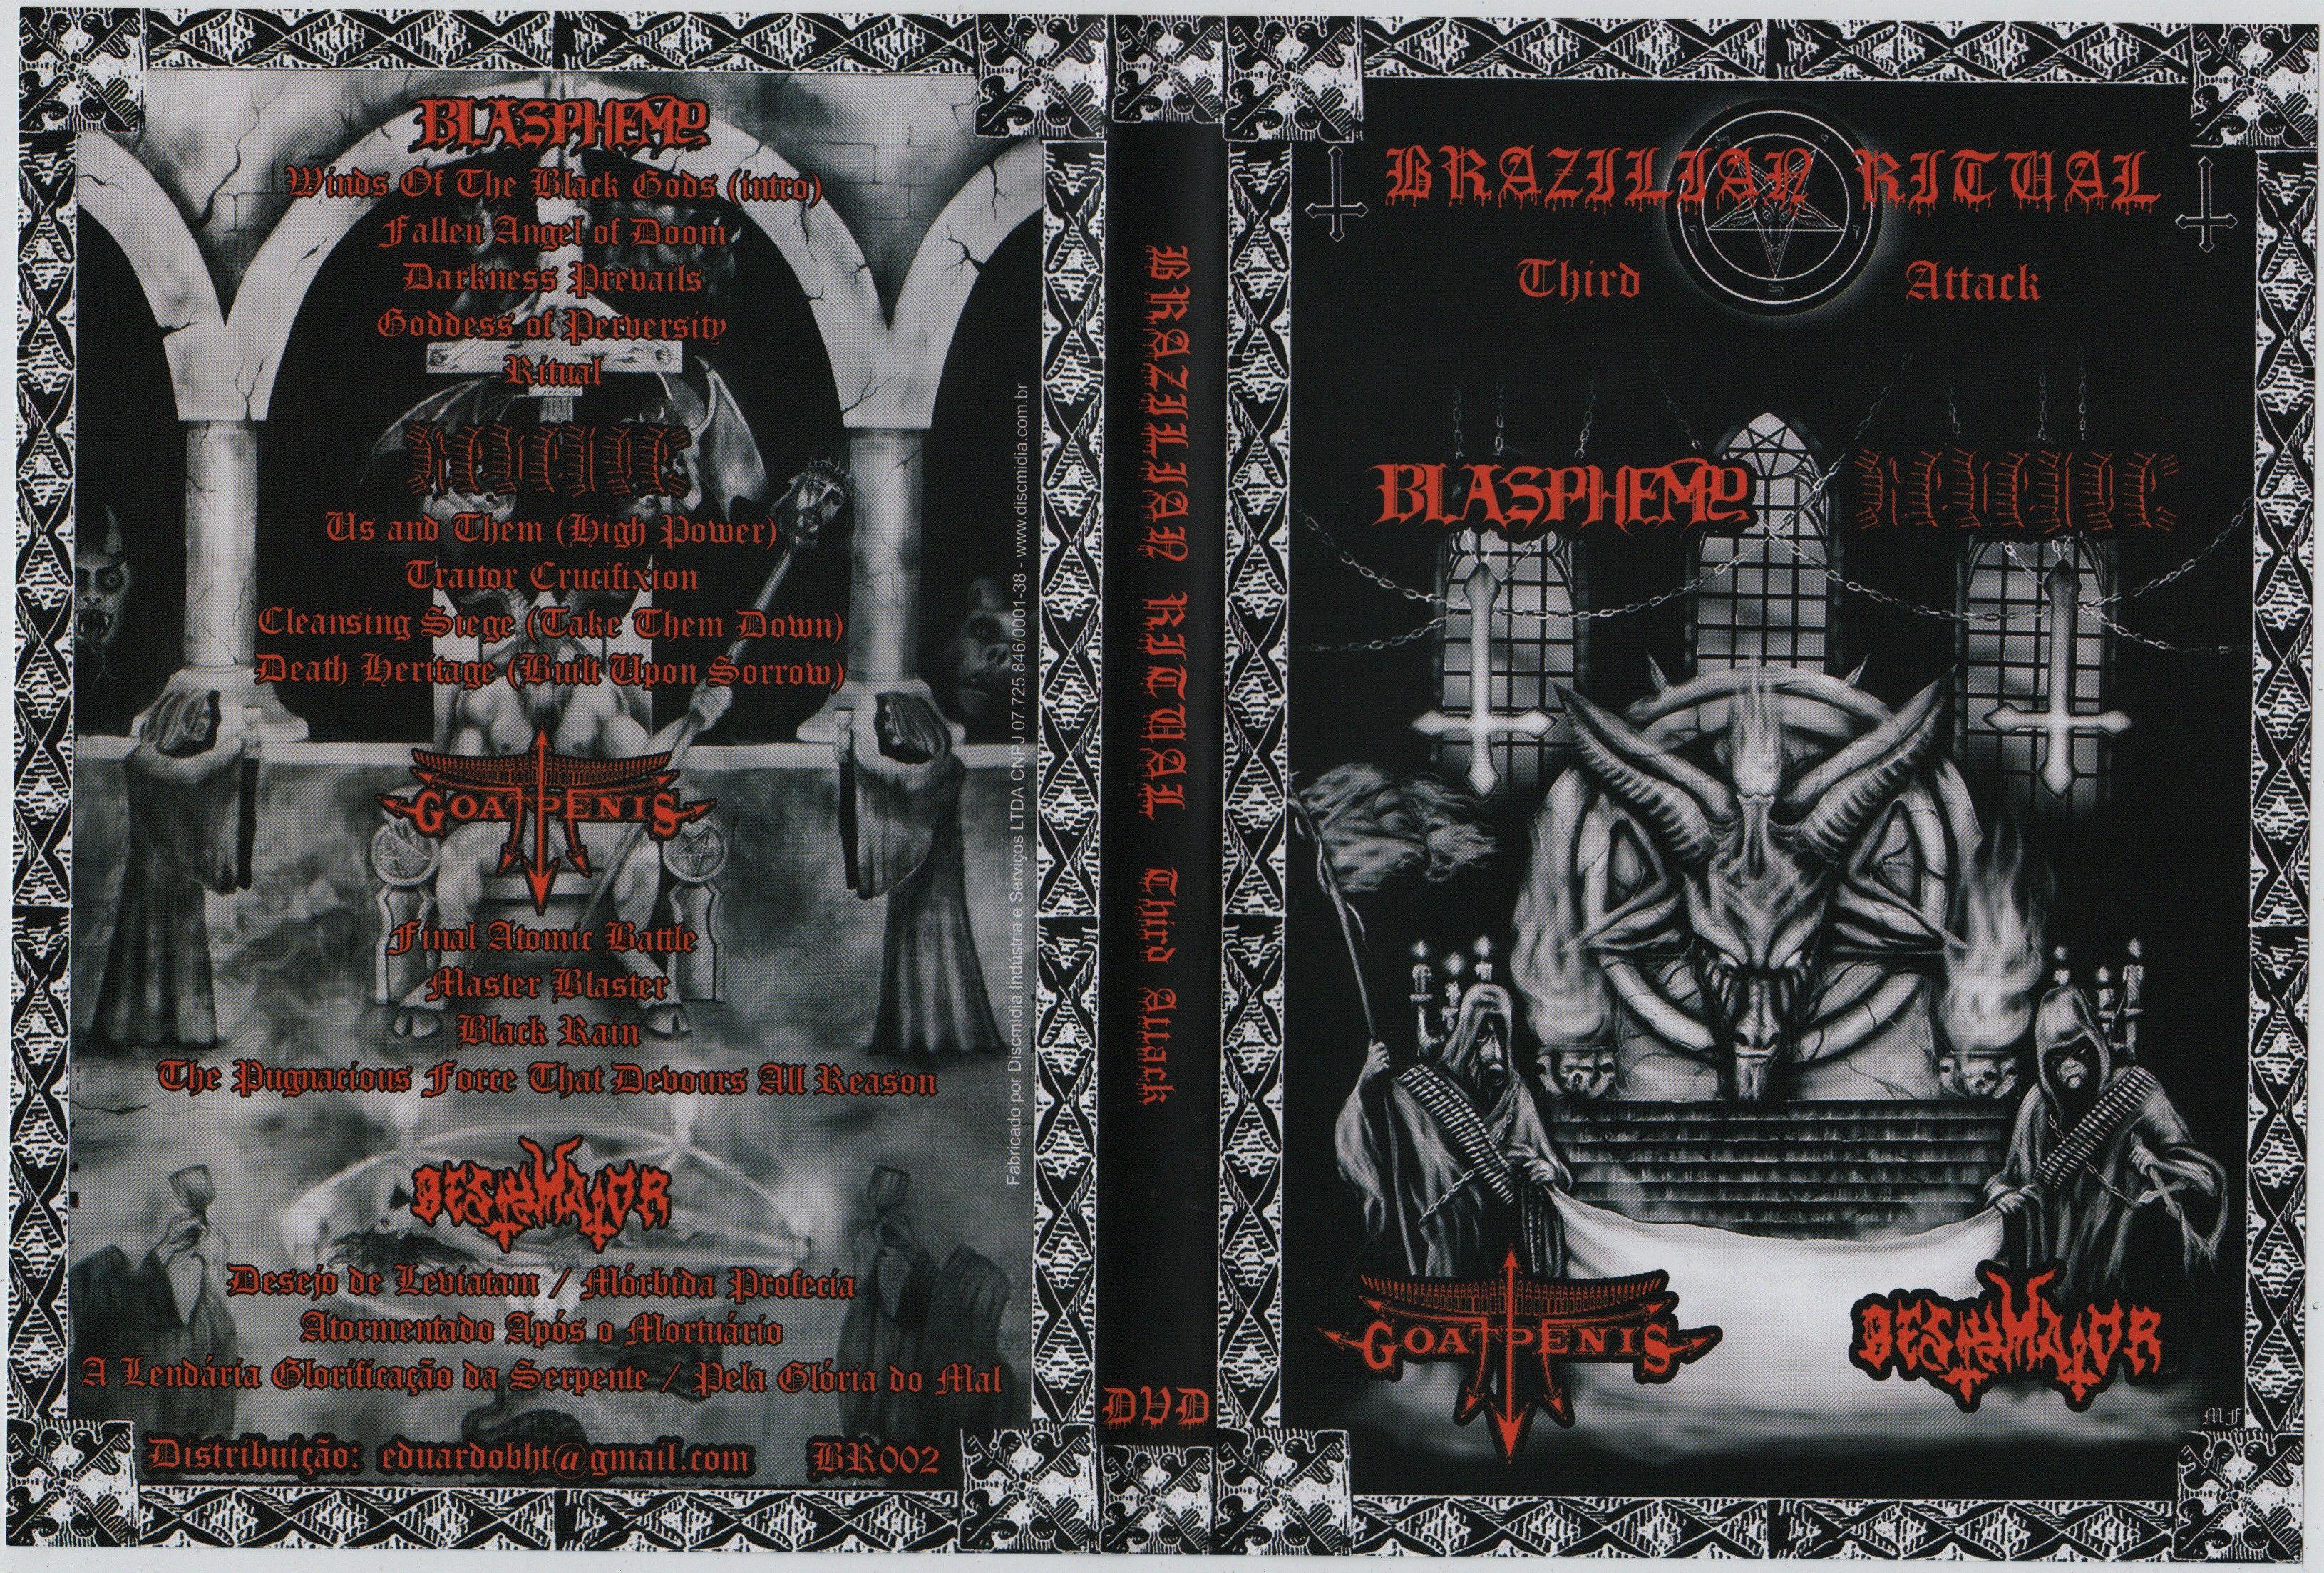 Brazilian Ritual Third Attack - DVD Oficial  BLASPHEMY  REVENGE  GOATPENIS  BESTYMATOR  Ritual realizado em 13-11-2013 , Sao Paulo , Brasil  Todos os direitos reservados